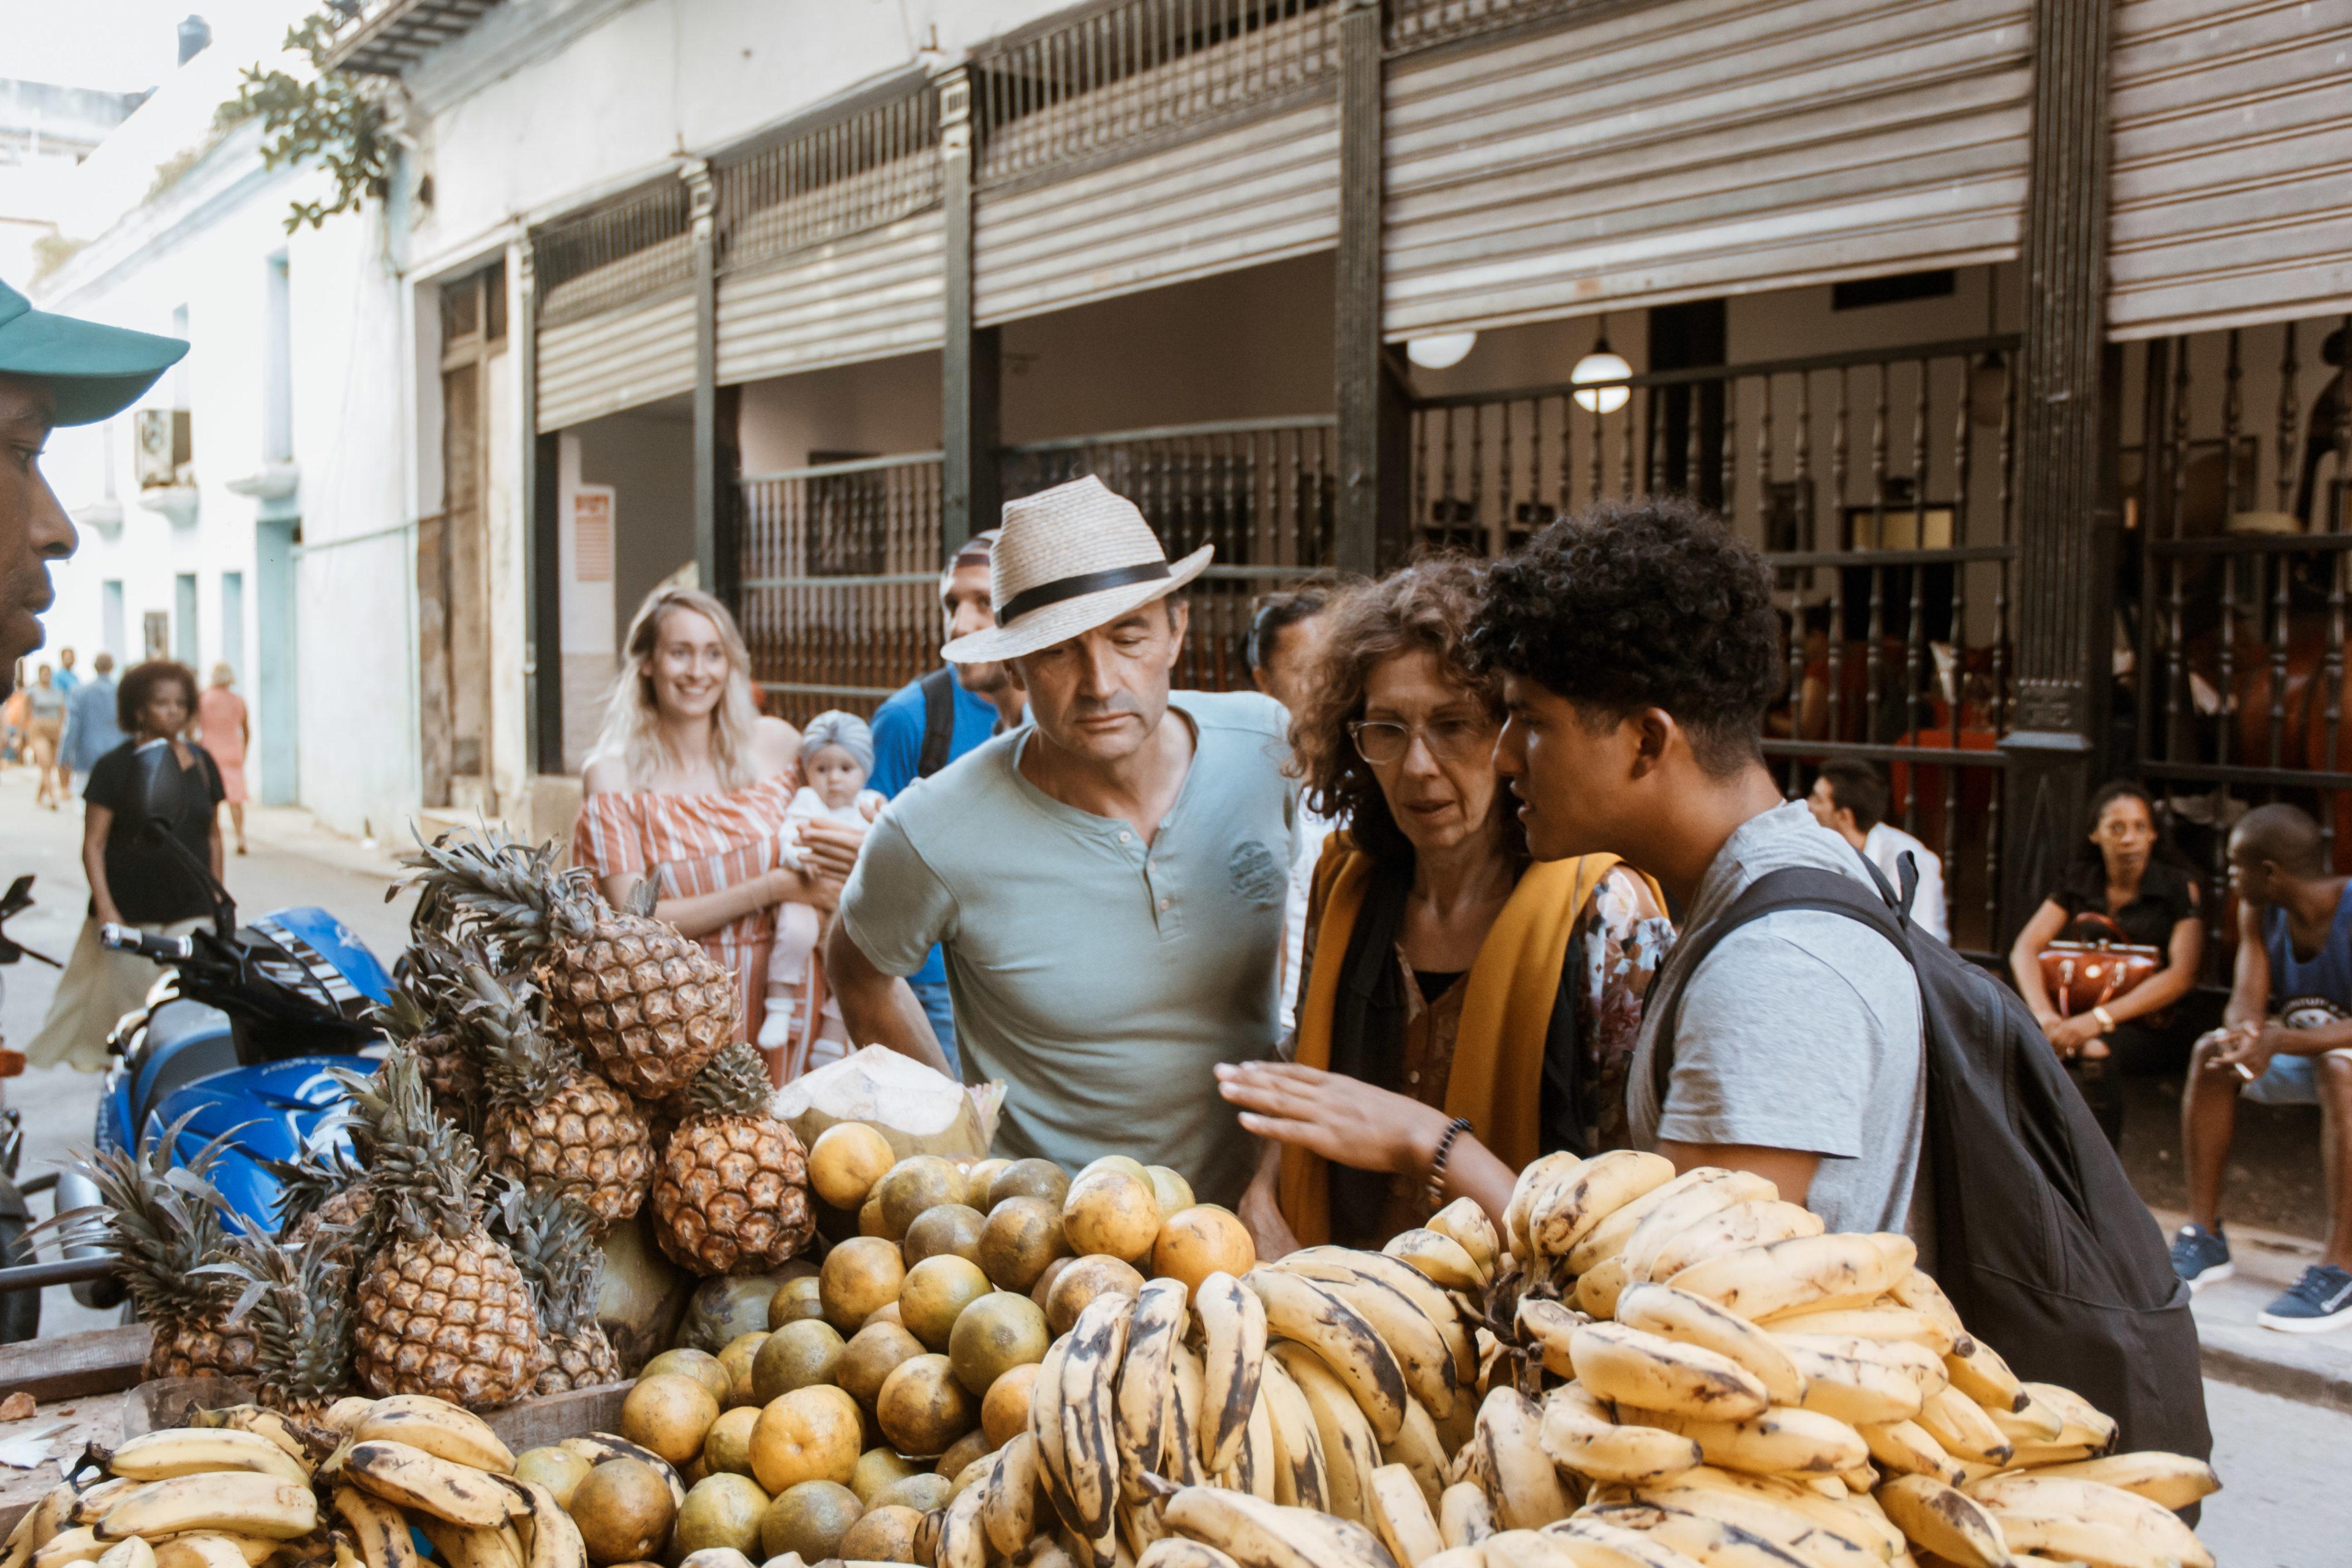 Reisende kaufen frisches Obst an einem Straßenstand in Havanna